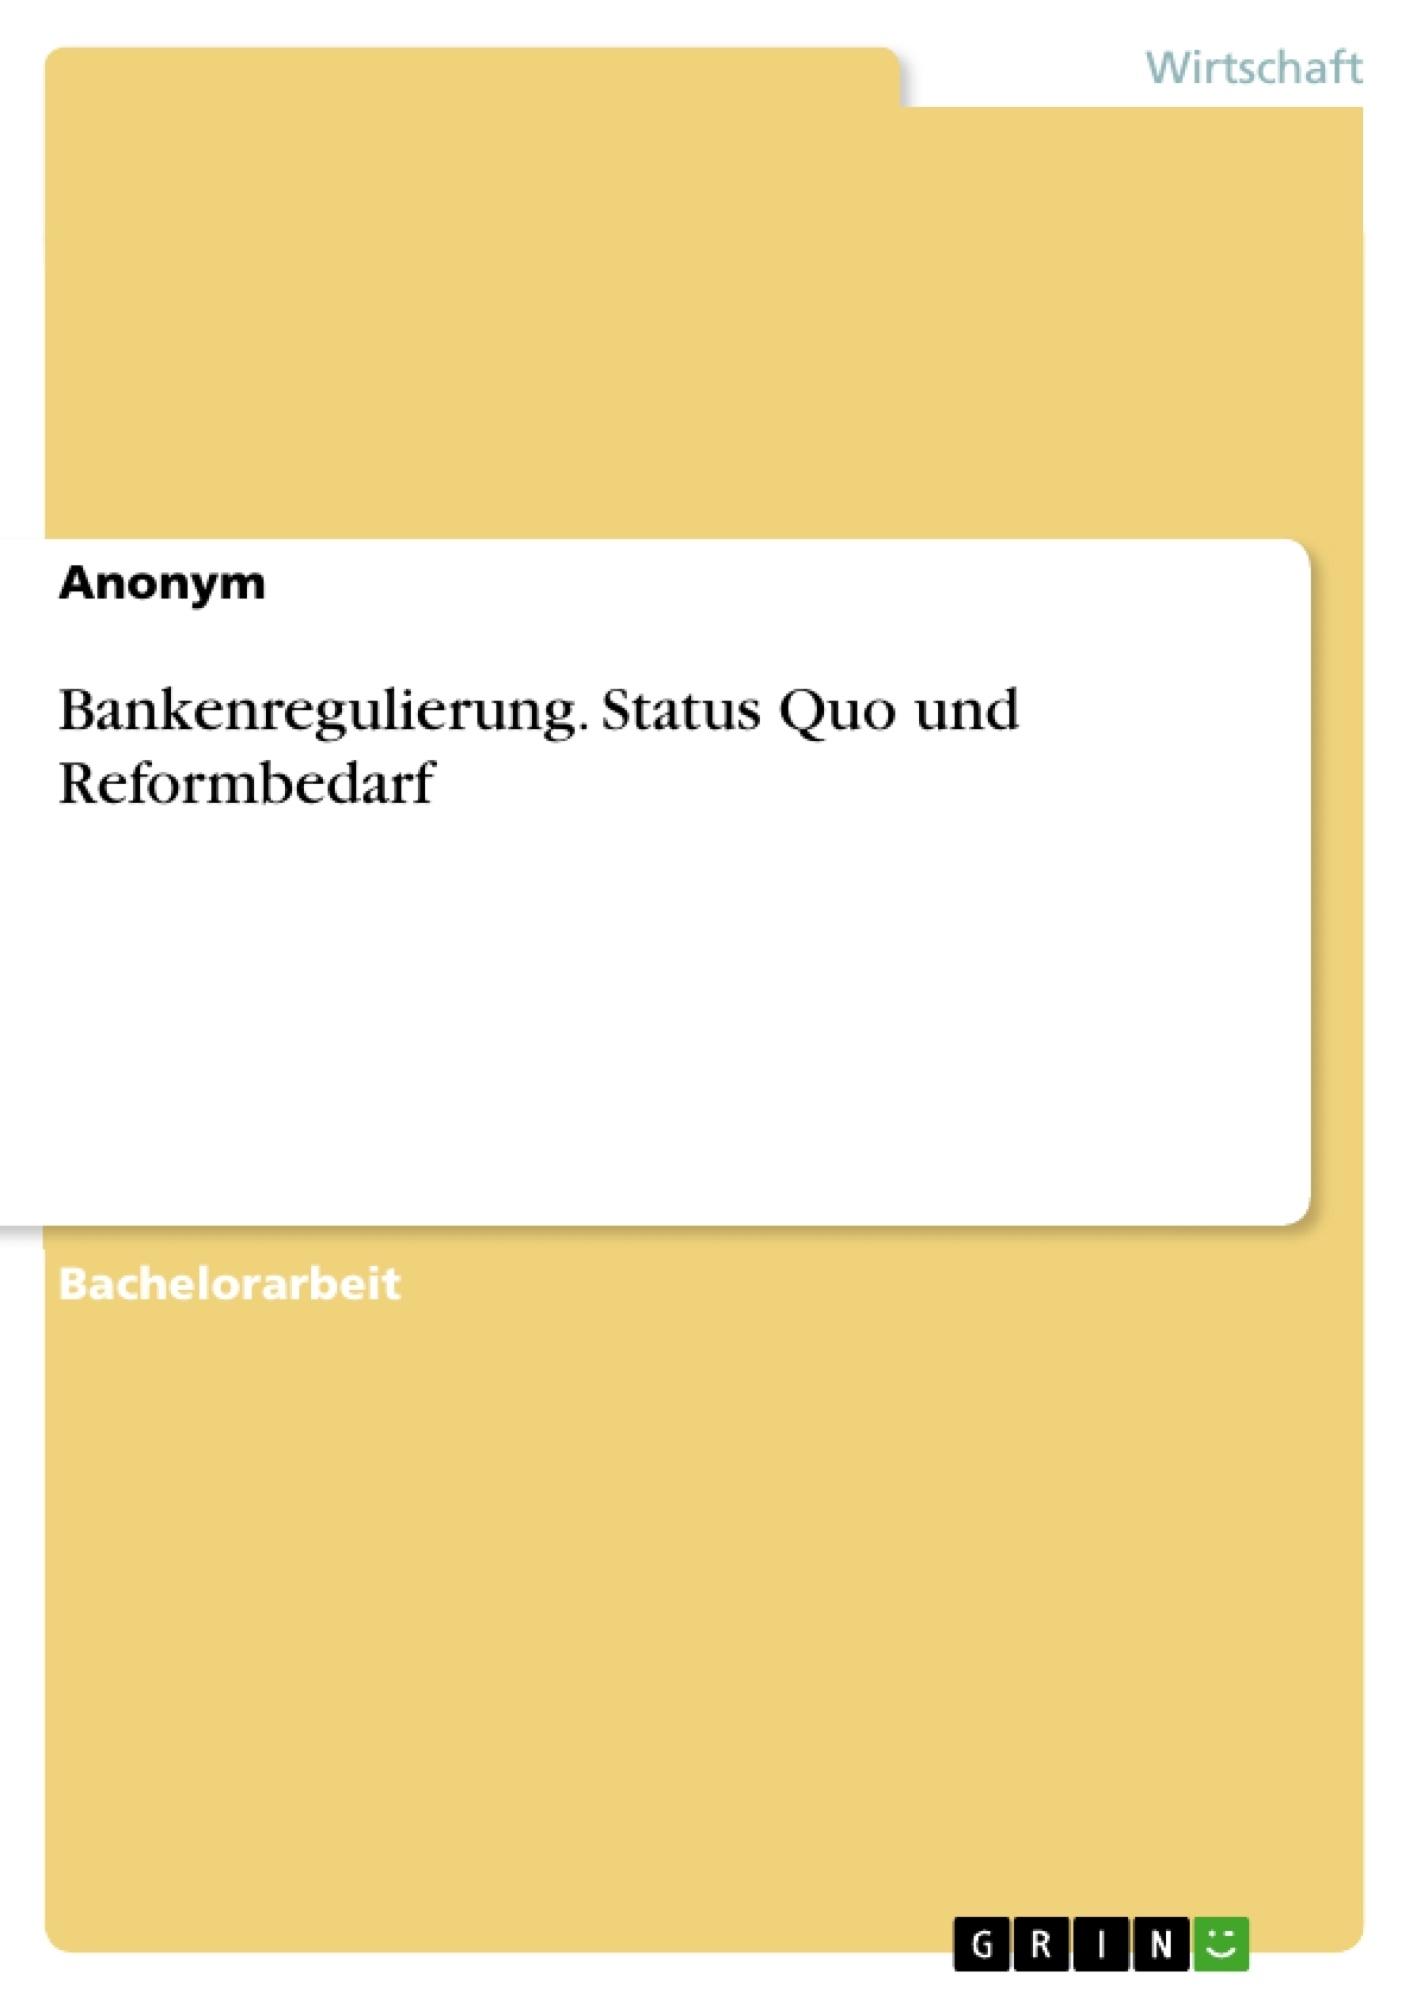 Titel: Bankenregulierung. Status Quo und Reformbedarf